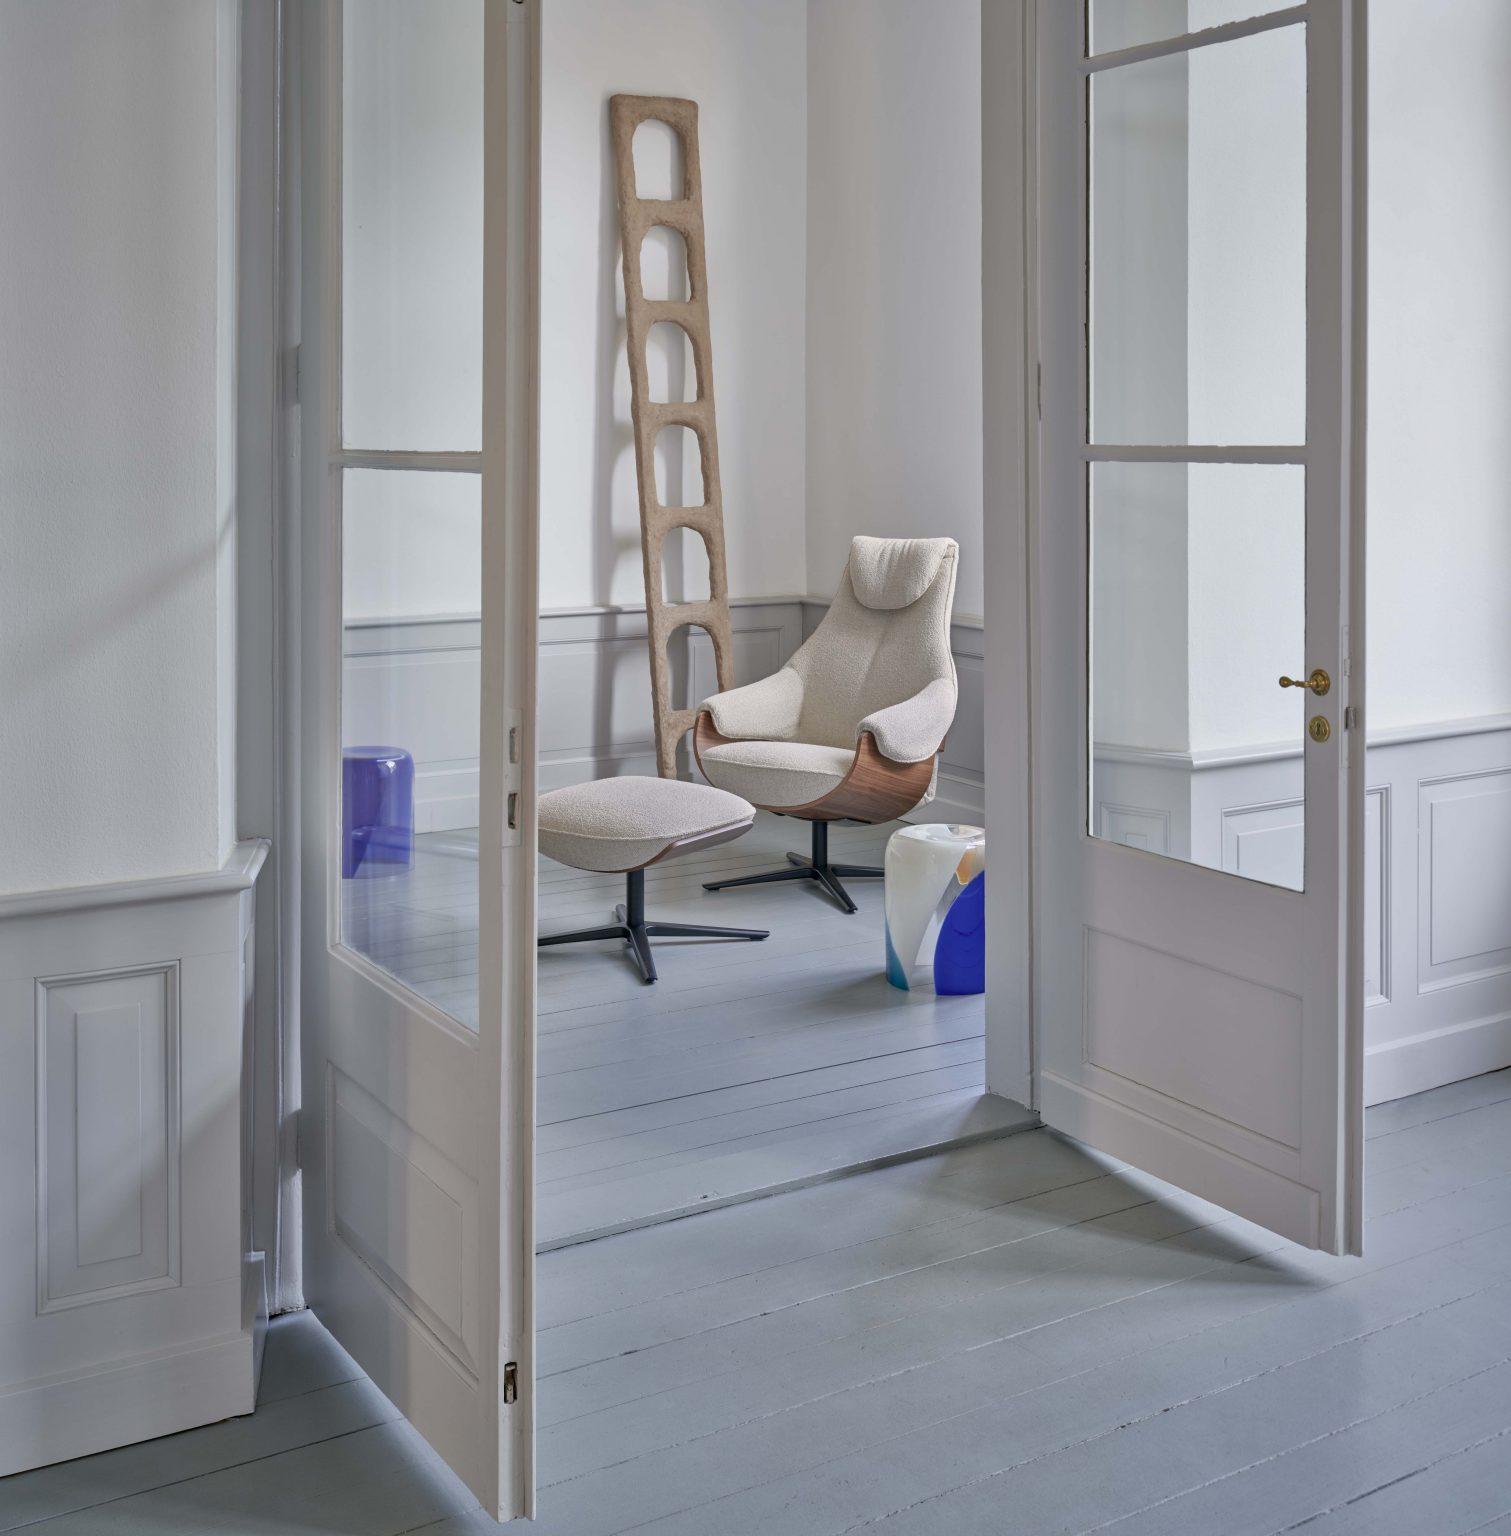 Biennale Interieur - Belgium's leading design and interior event - Leolux_cream_09142020-001_k.jpg